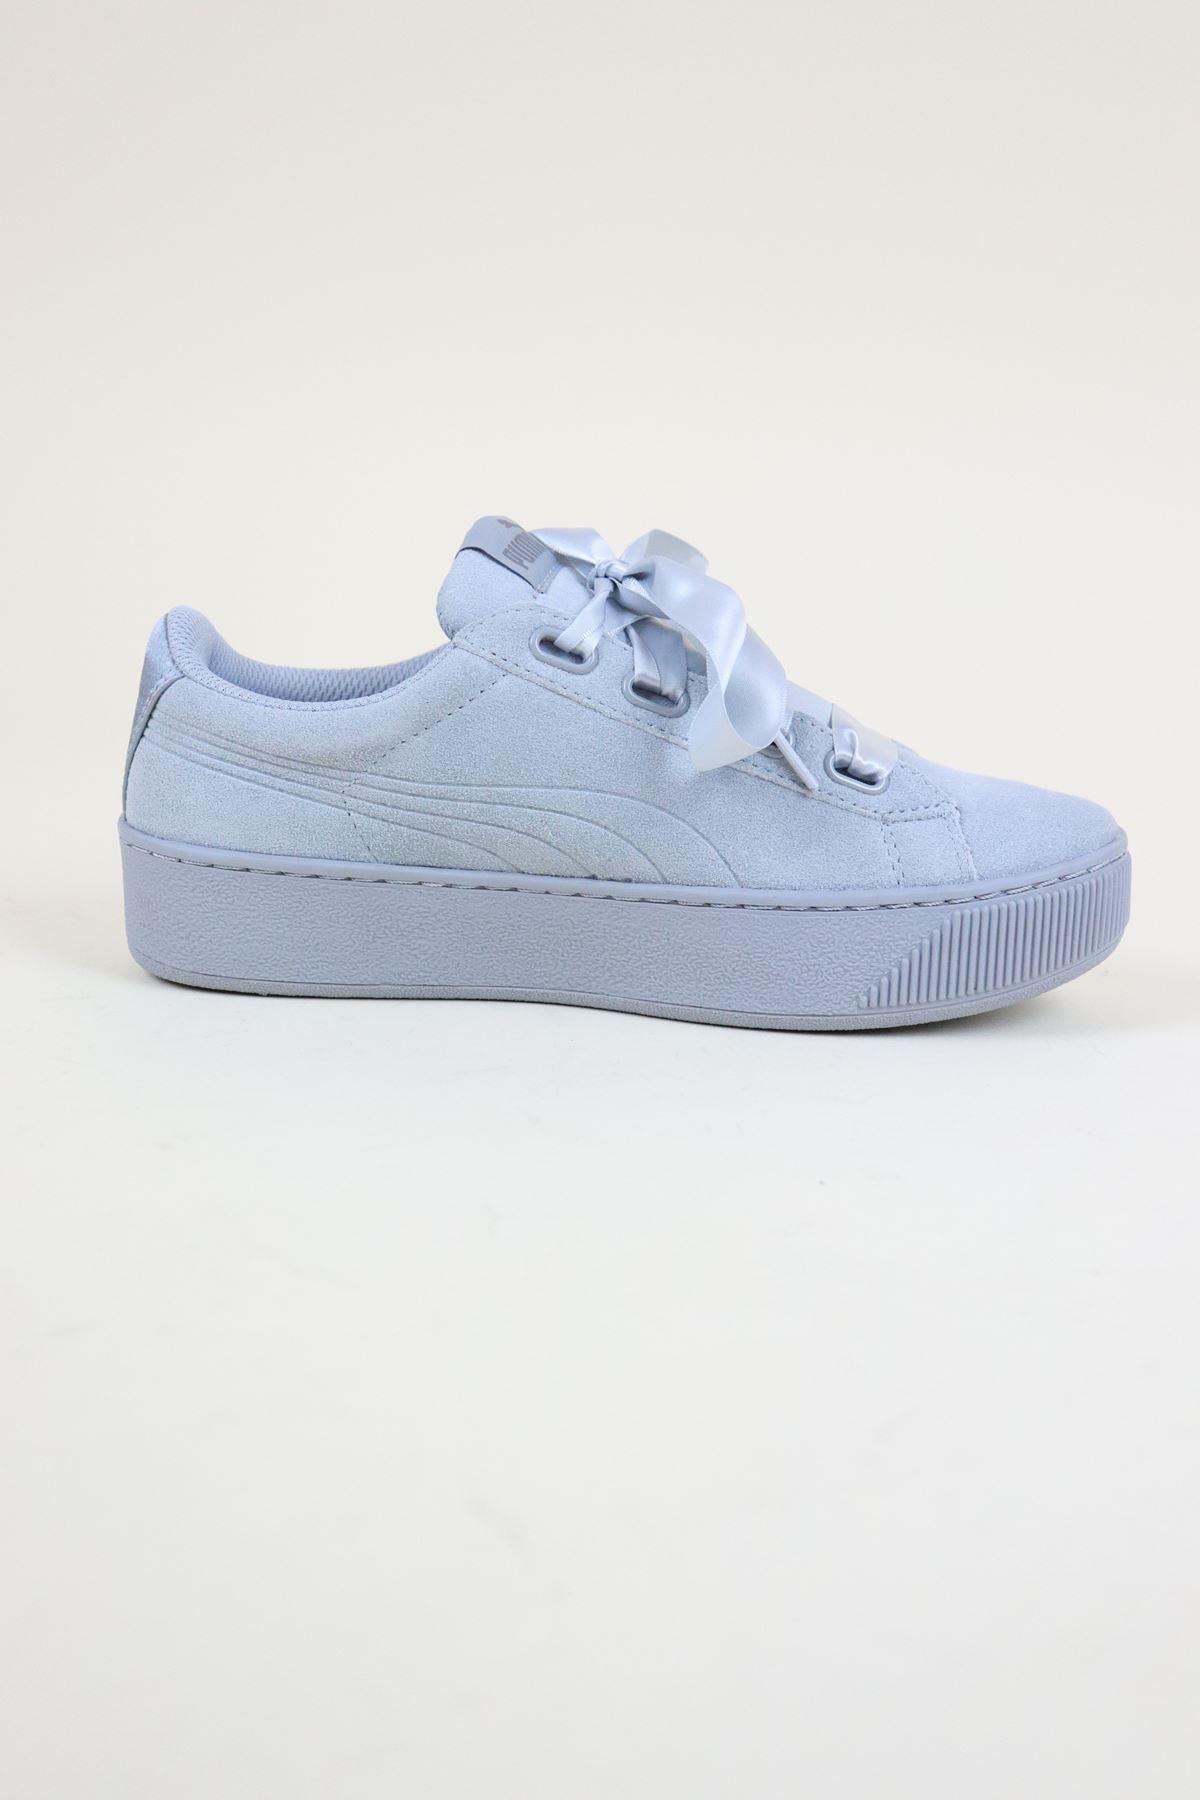 Puma Mercan Klasik Kadın Spor Ayakkabı